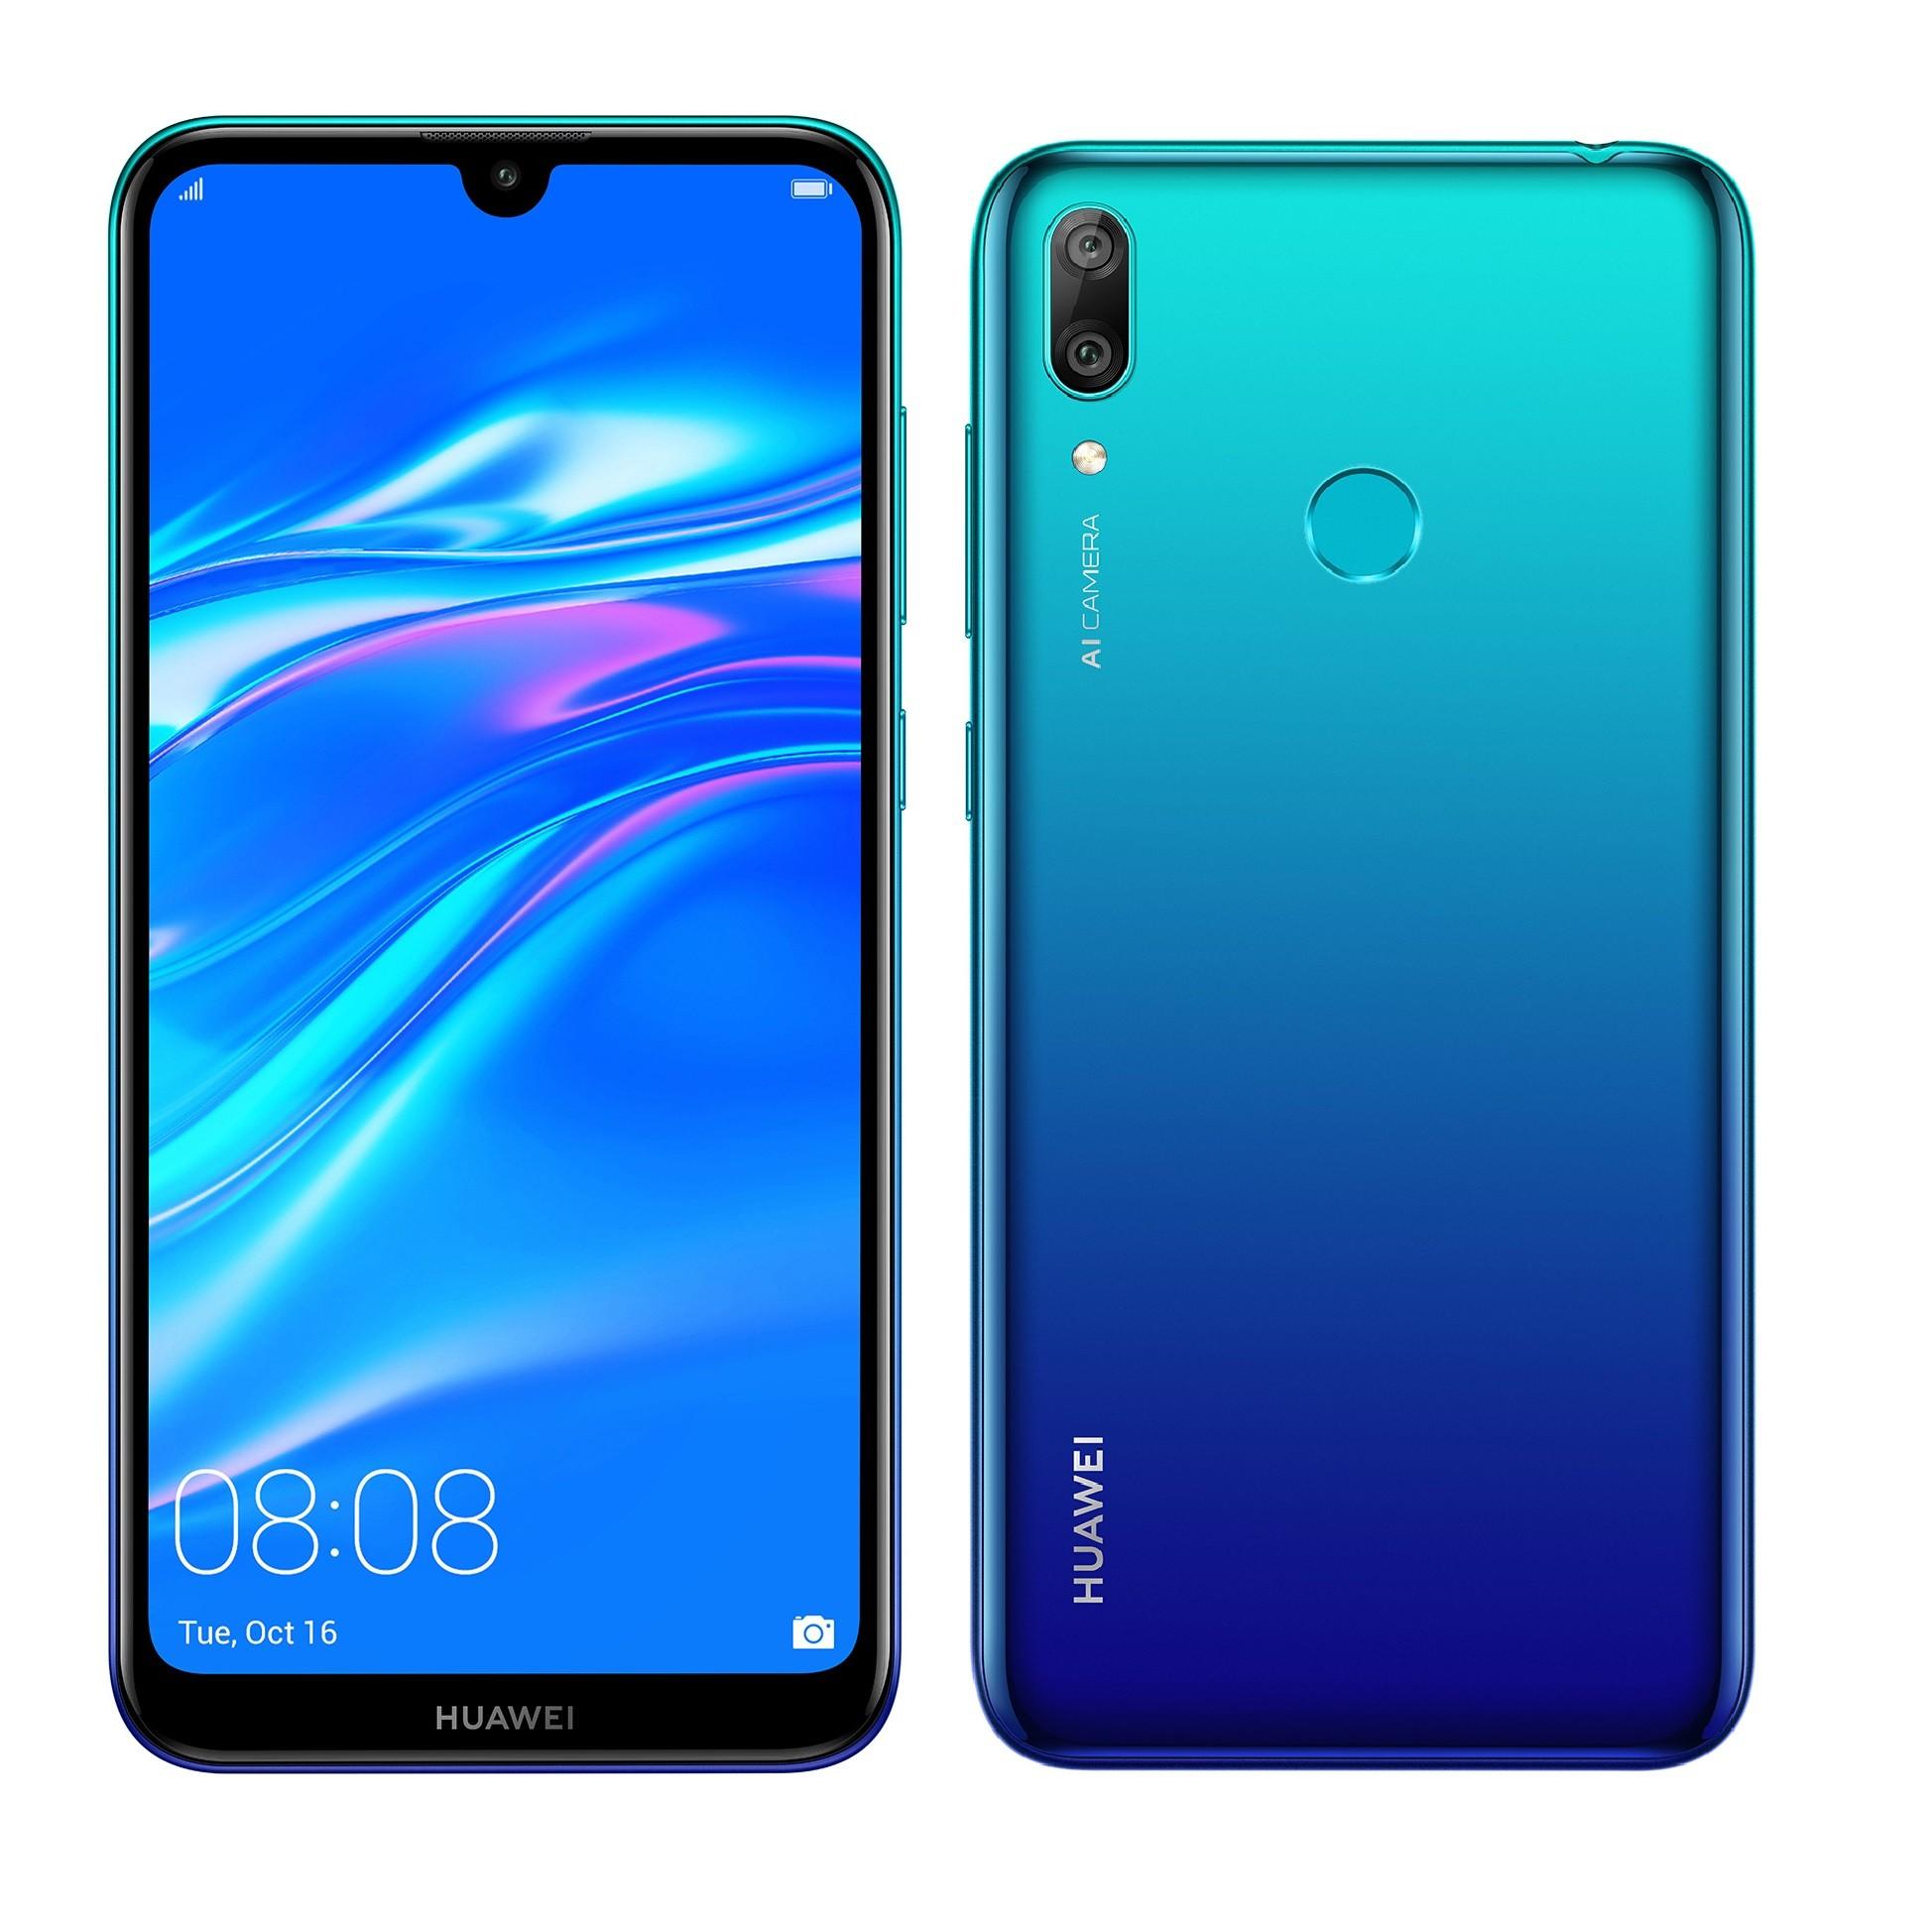 أسعار ومواصفات أكثر 10 هواتف مبيعًا بالأسواق المصرية خلال شهر سبتمبر 2019